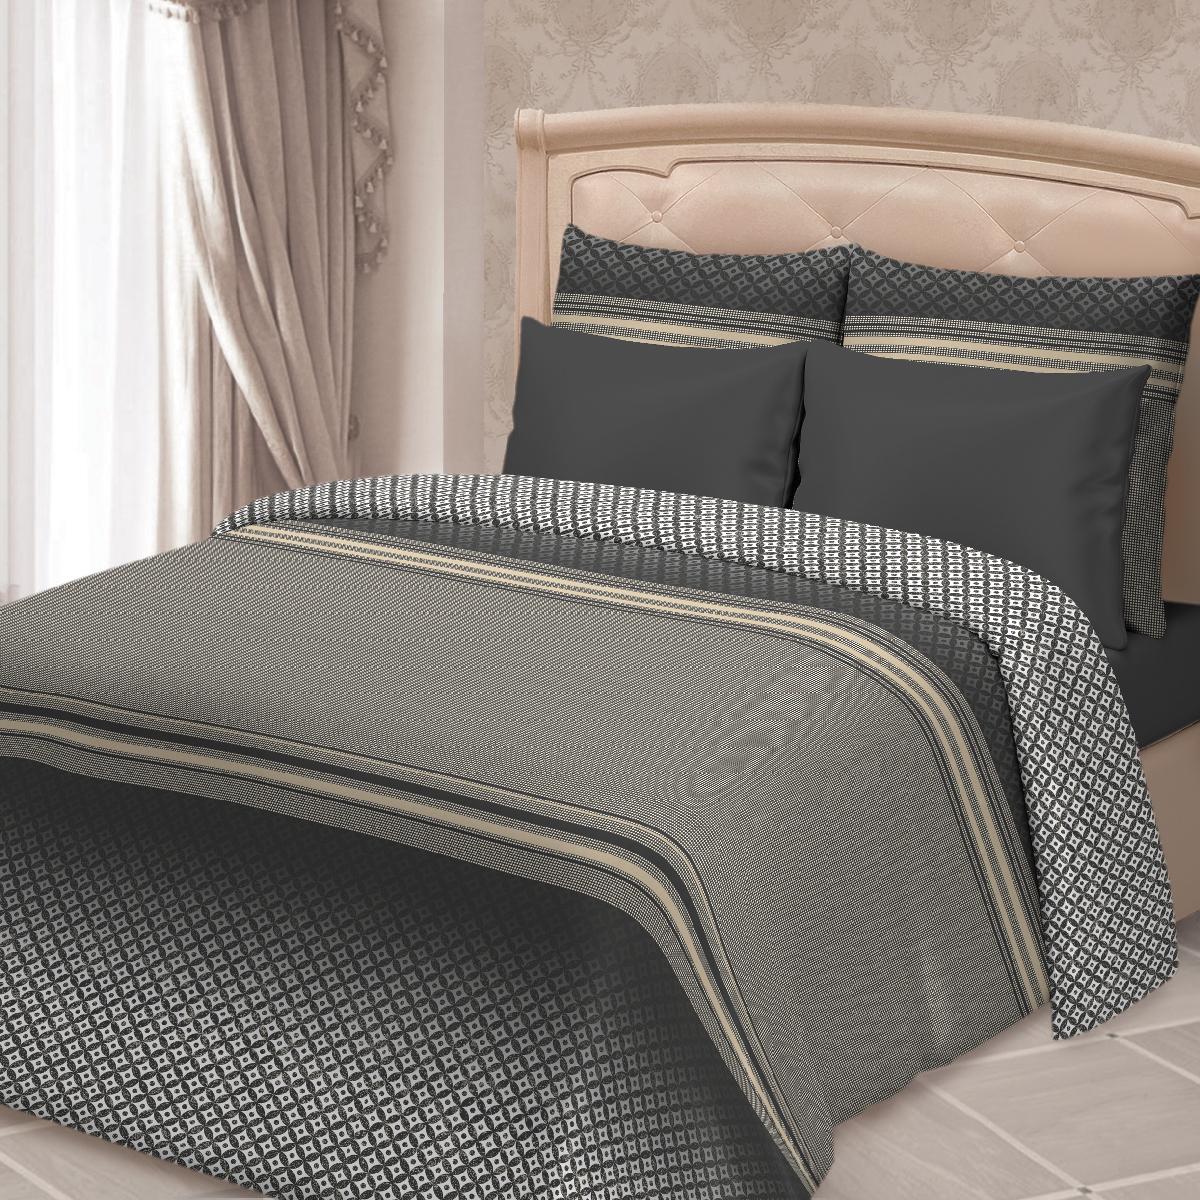 Комплект белья Сорренто Боско, евро, наволочки 70х70, цвет: черный комплекты белья